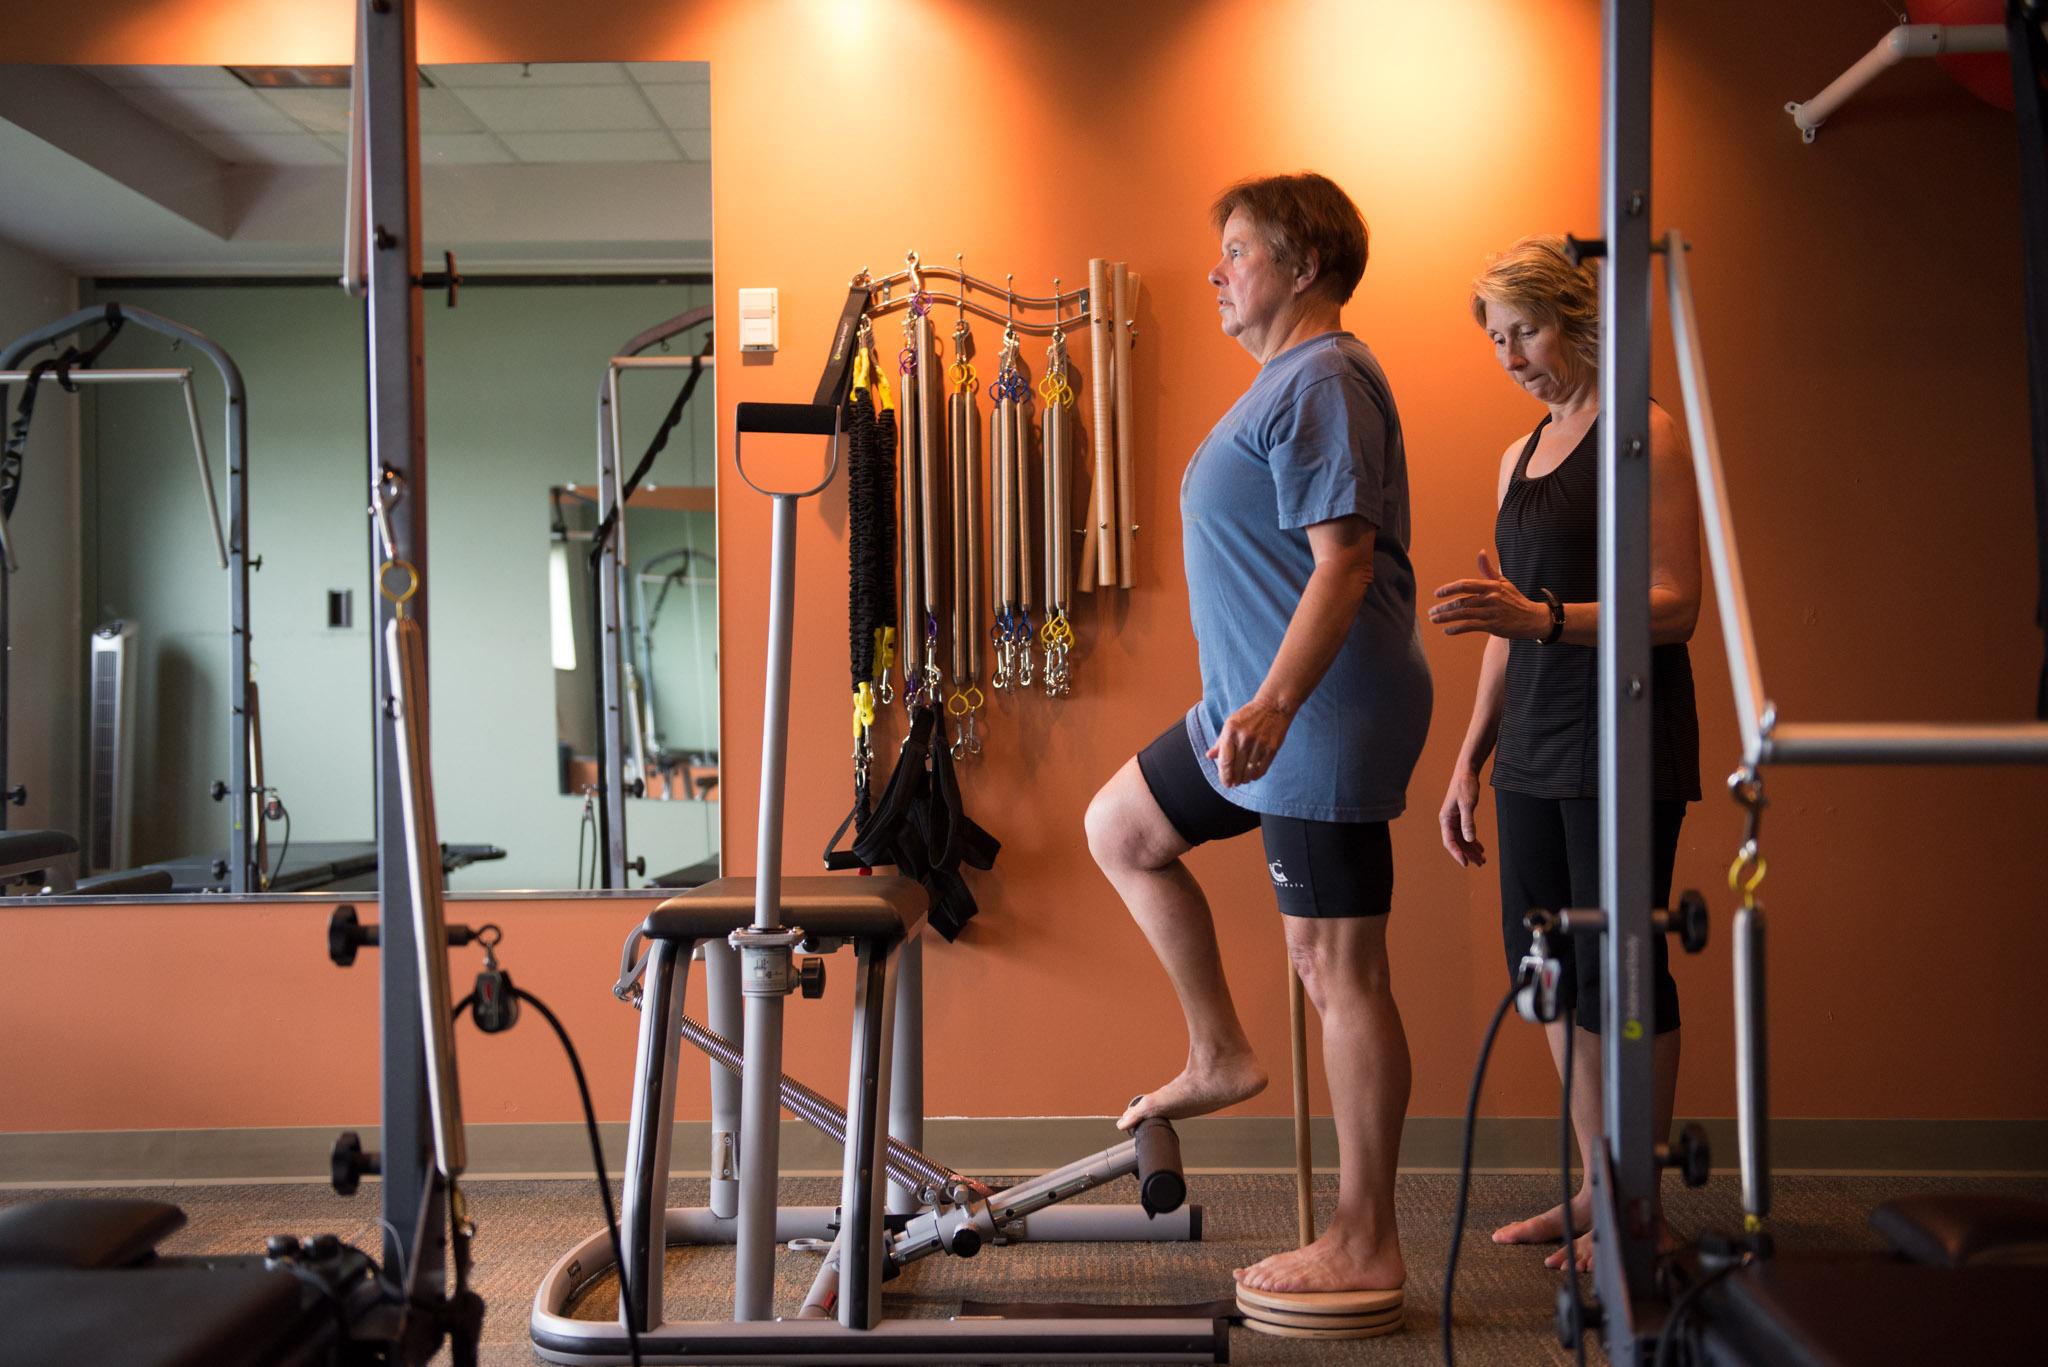 Wellness Center Stock Photos-1390.jpg